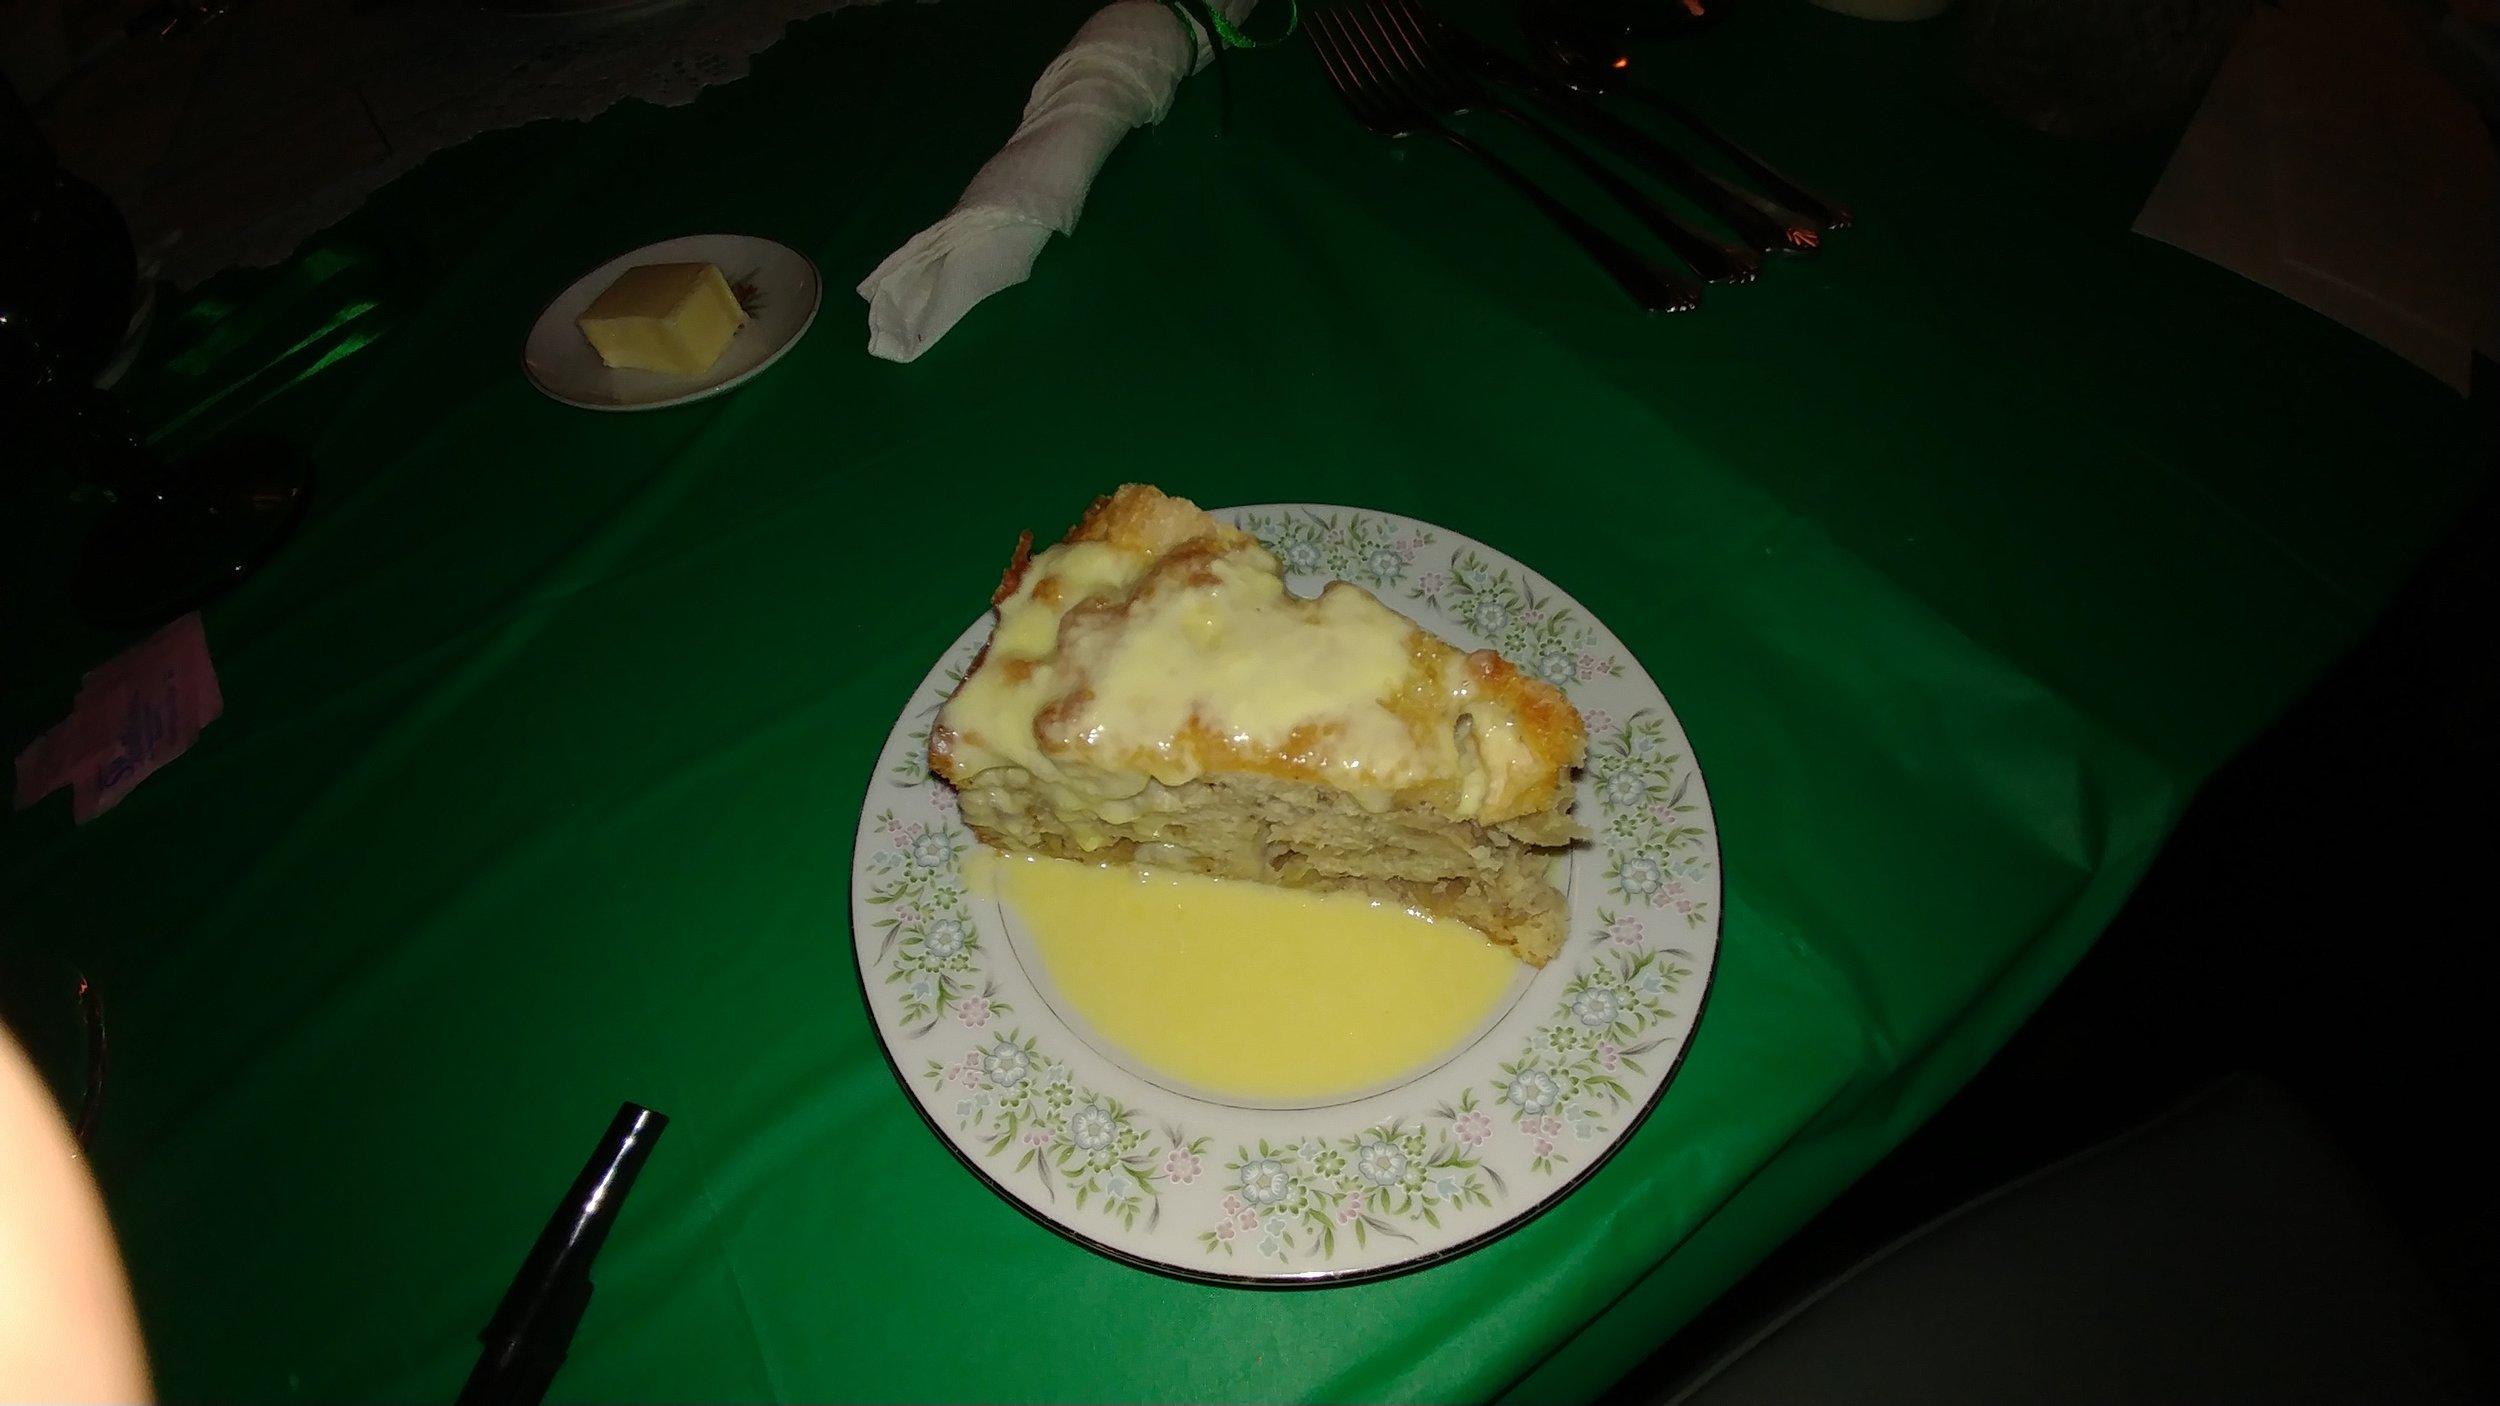 Irish apple cake with a warm custard sauce.